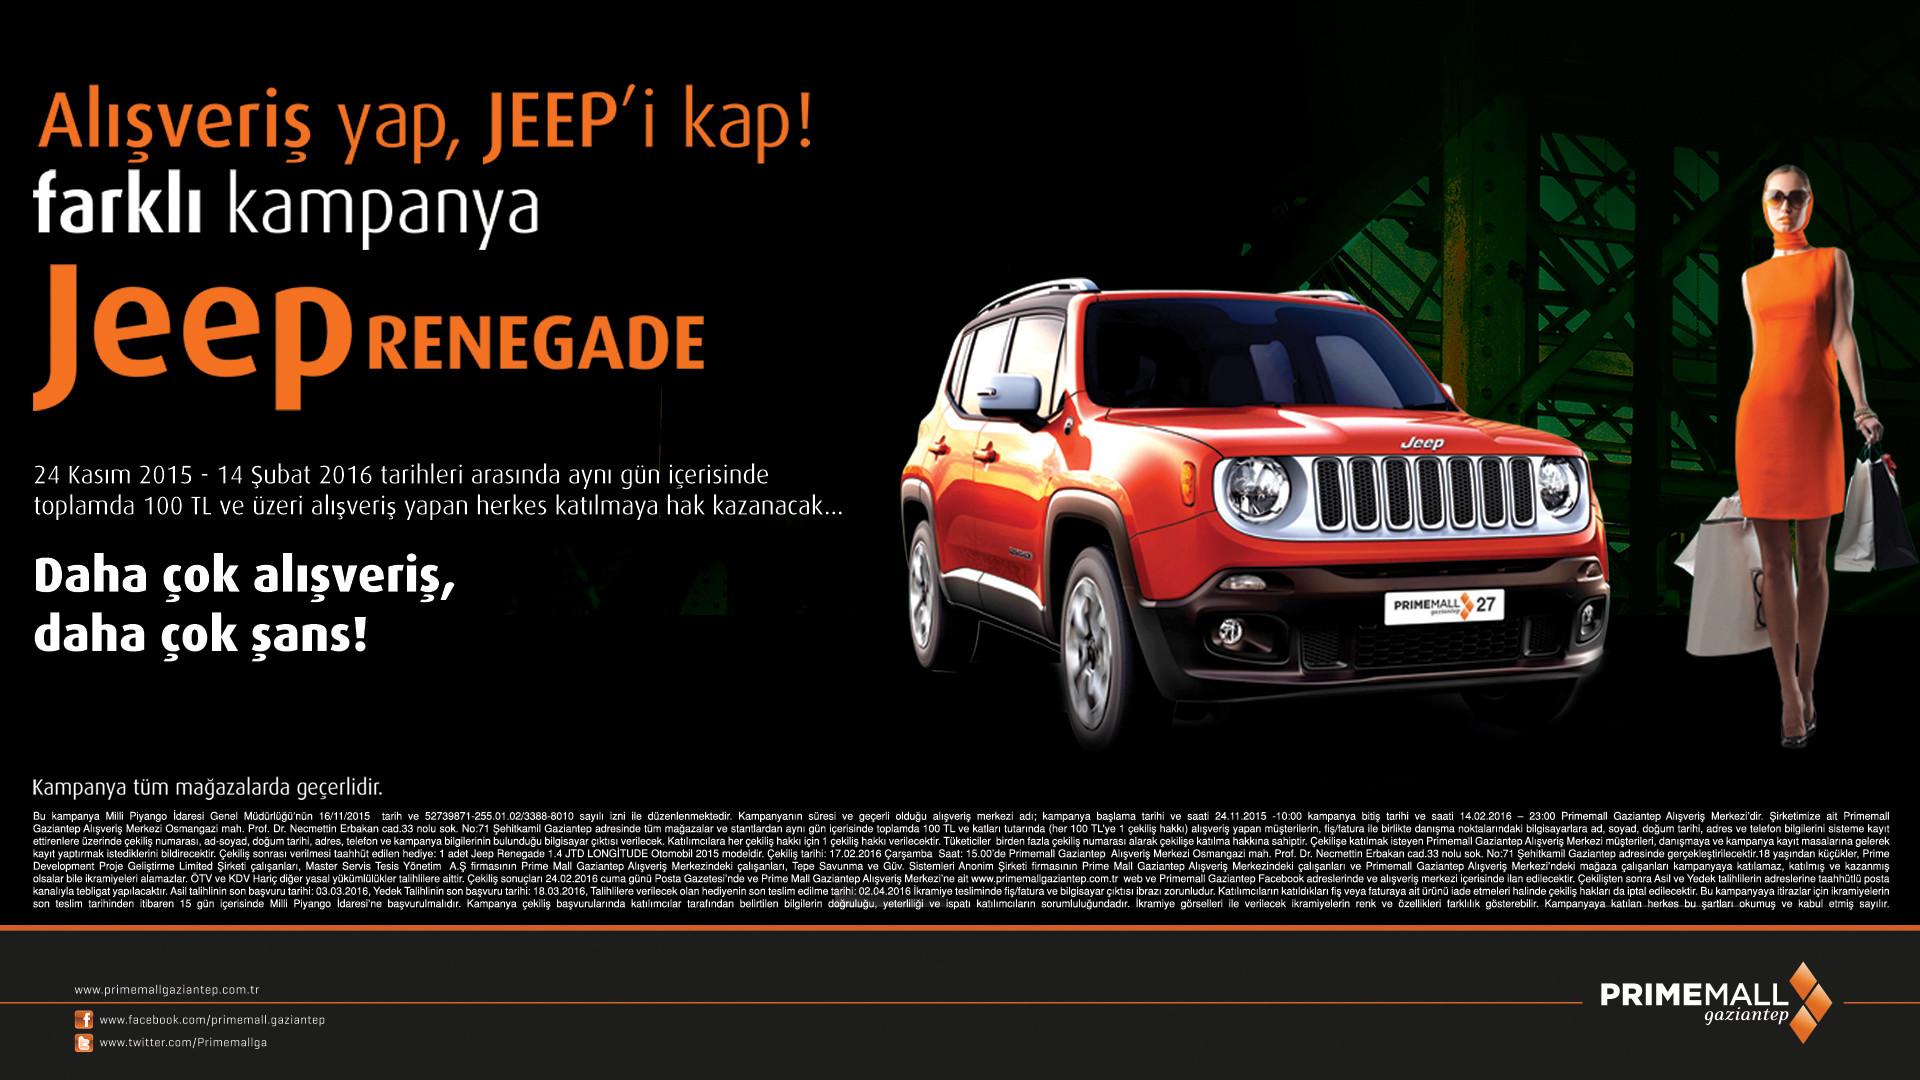 Alışveriş Yap, Jeep'i Kap